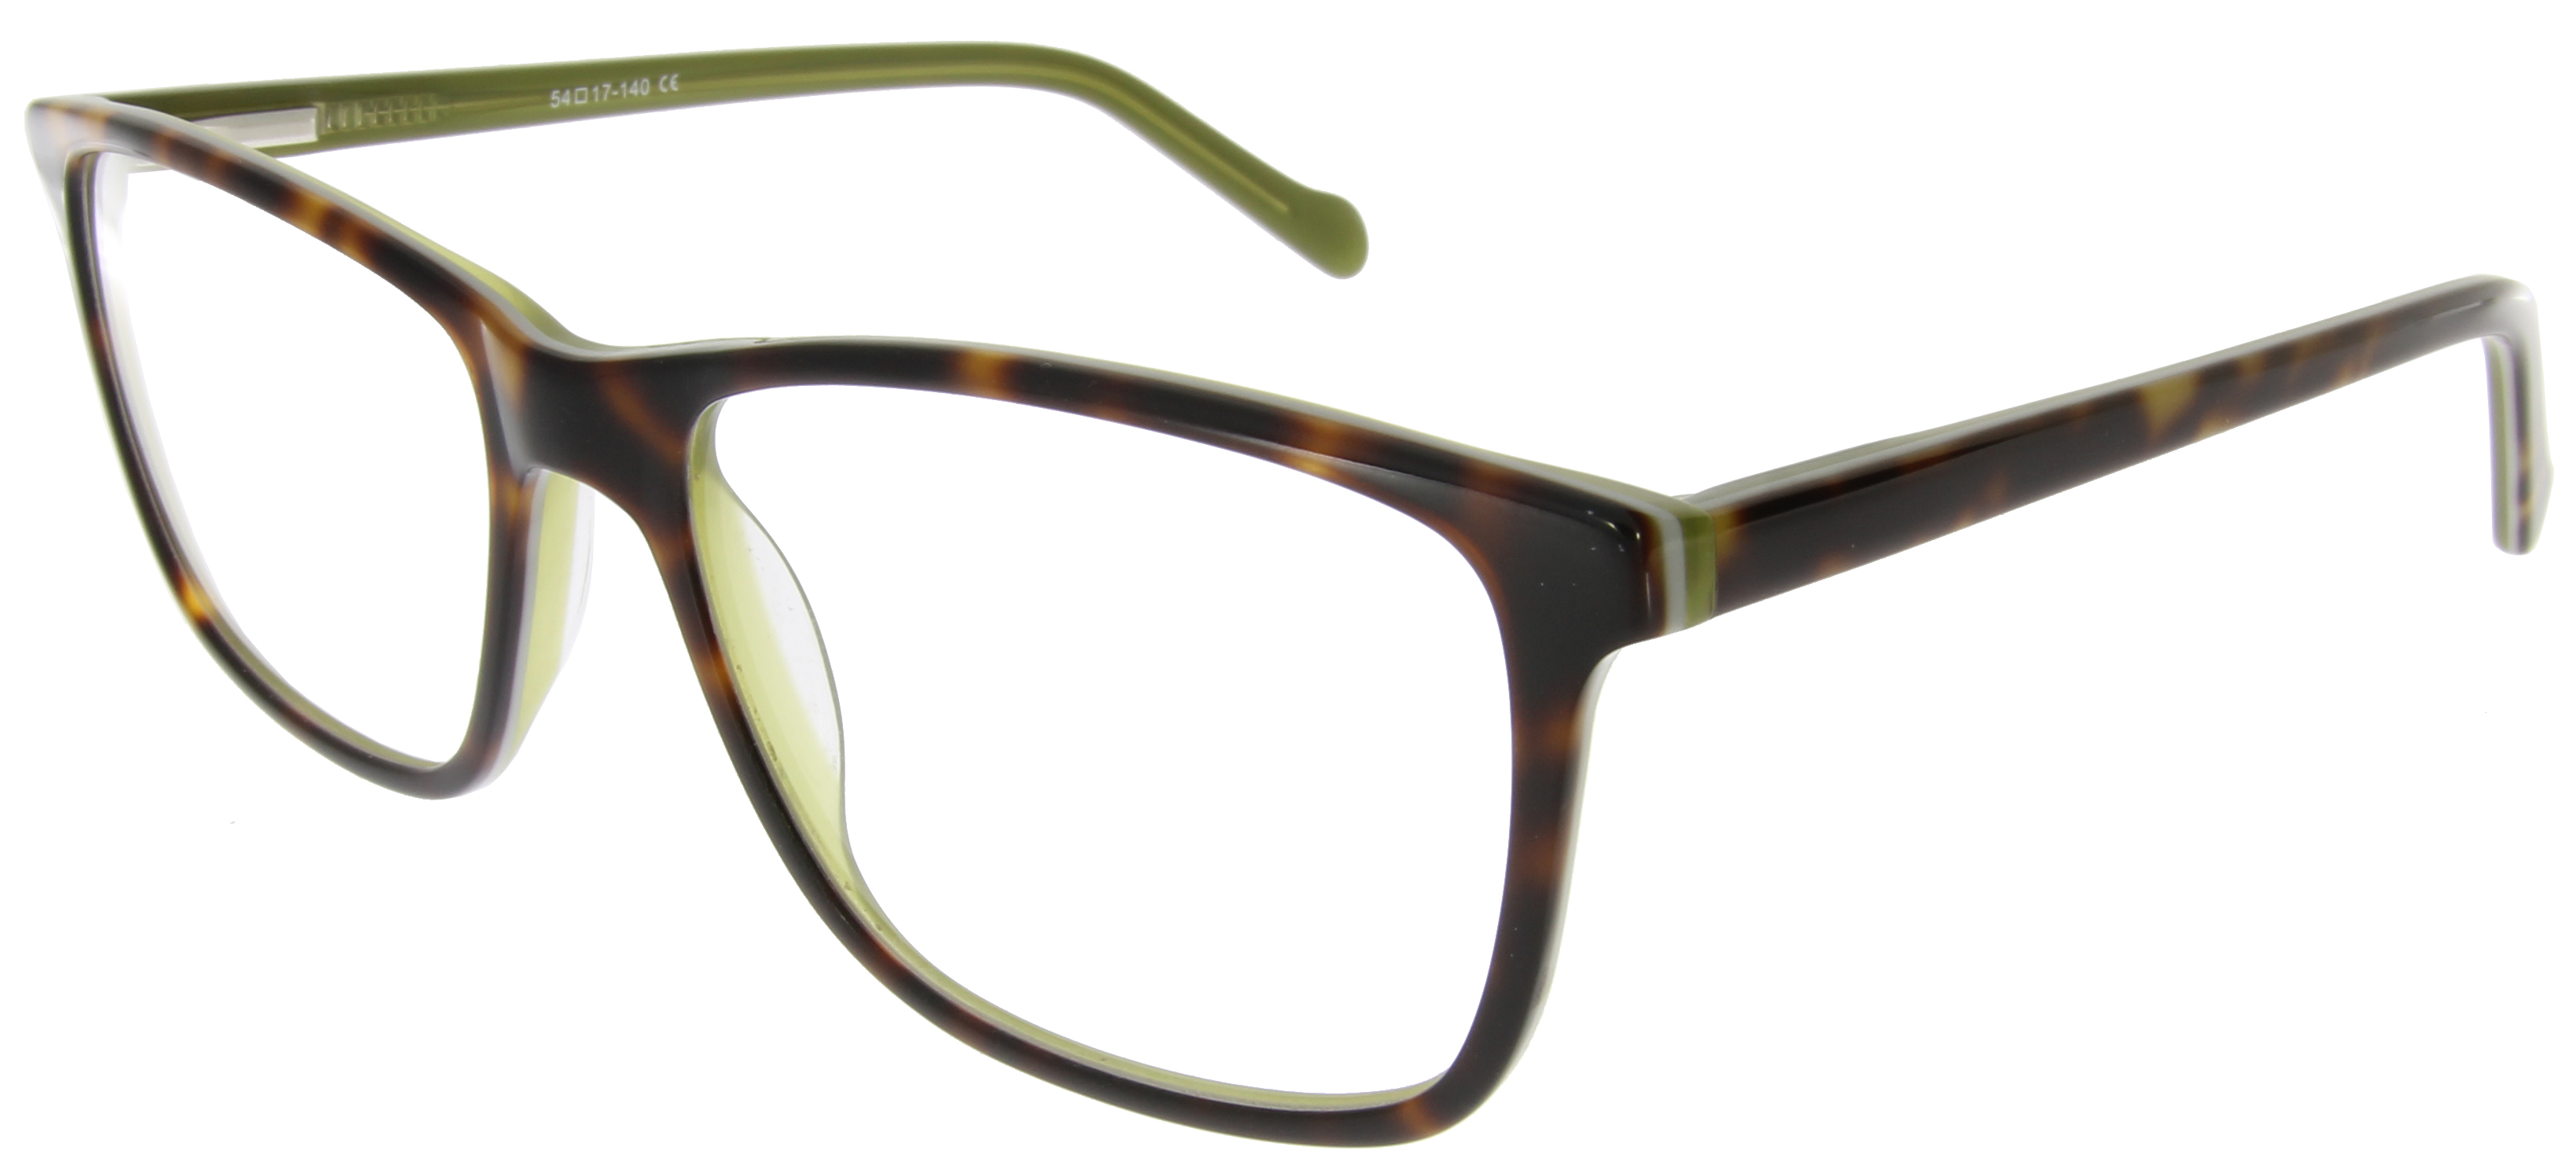 Brillen in der Farbe Grün - Grüne Brillen